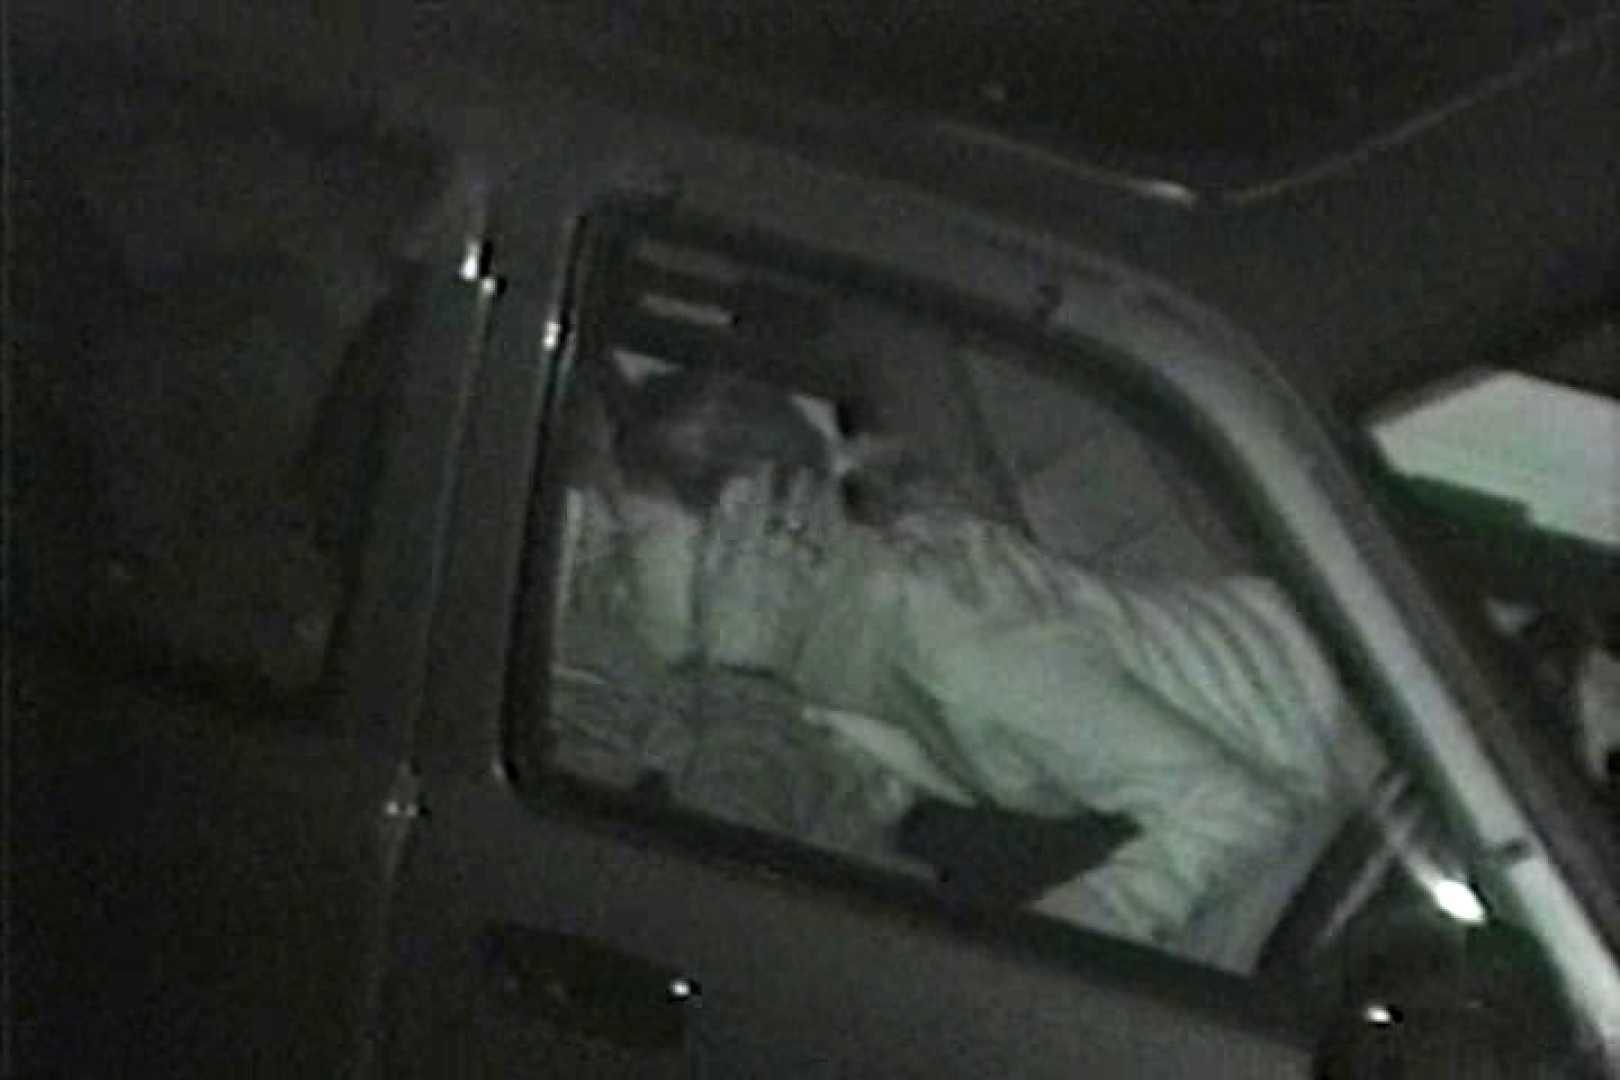 車の中はラブホテル 無修正版  Vol.7 カーセックス盗撮 オマンコ無修正動画無料 81pic 35